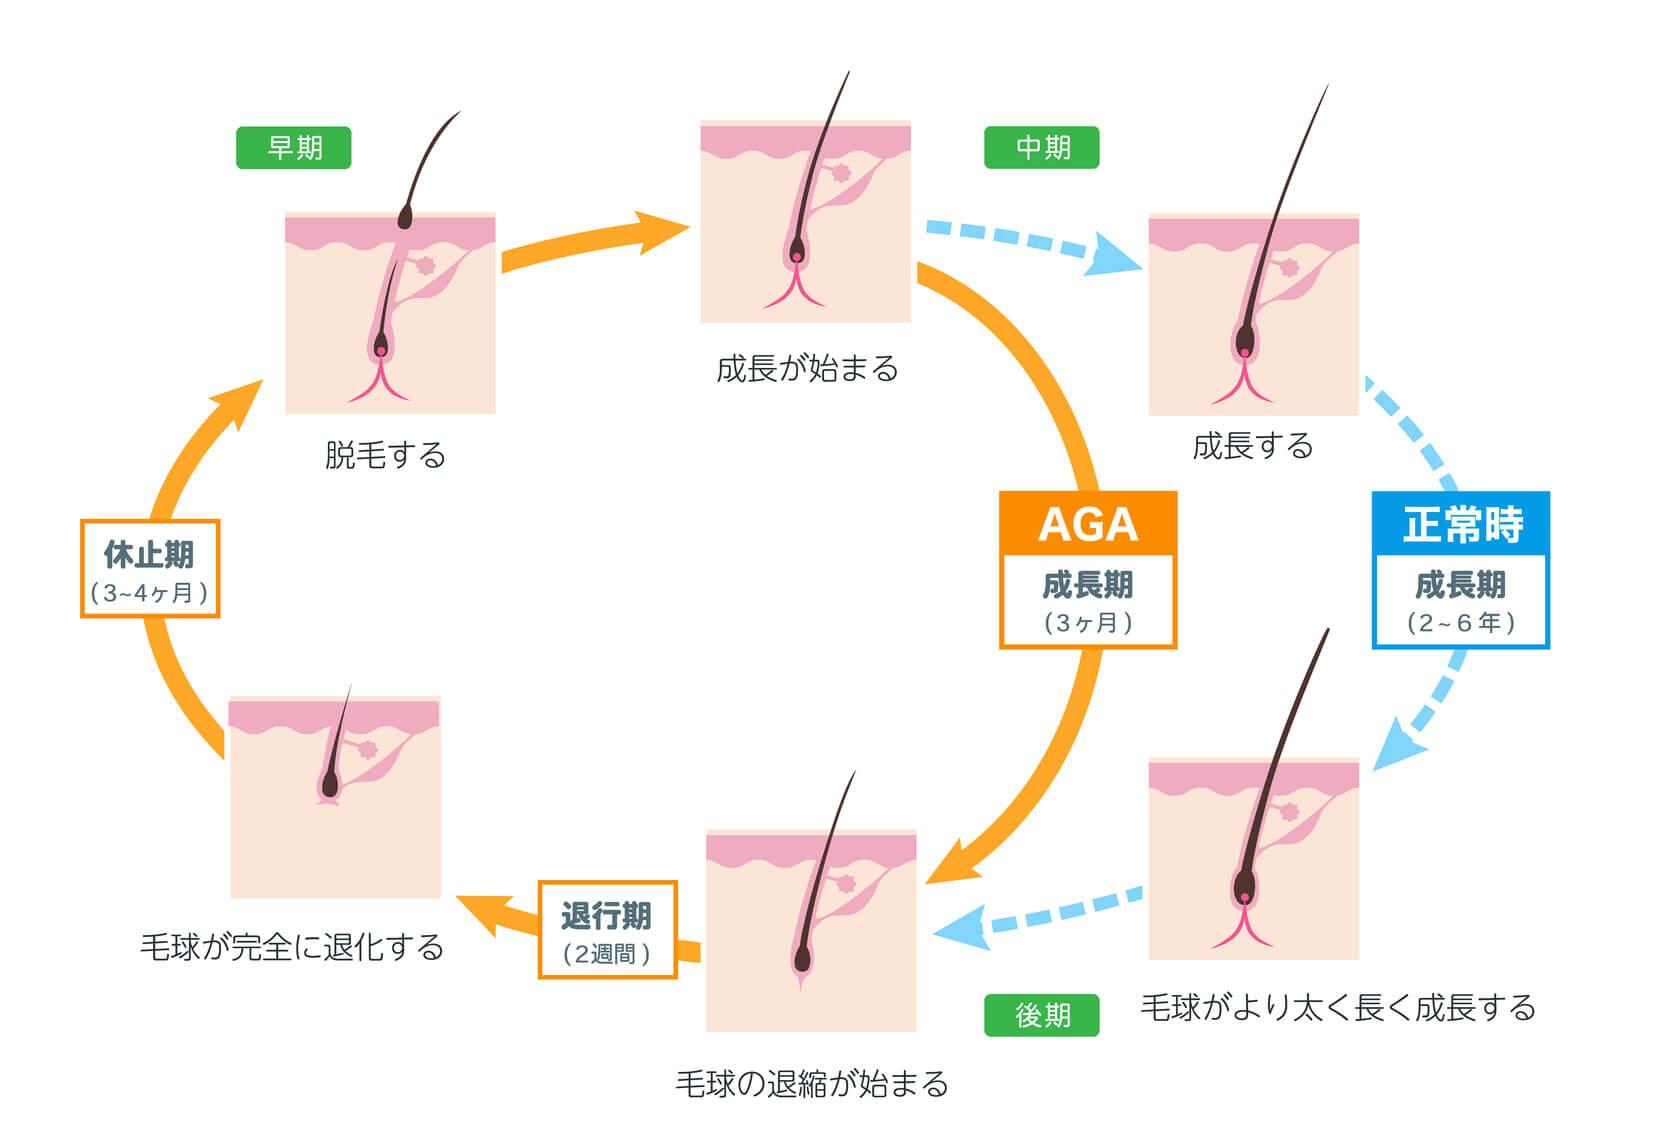 髪のサイクルと寿命のイメージ